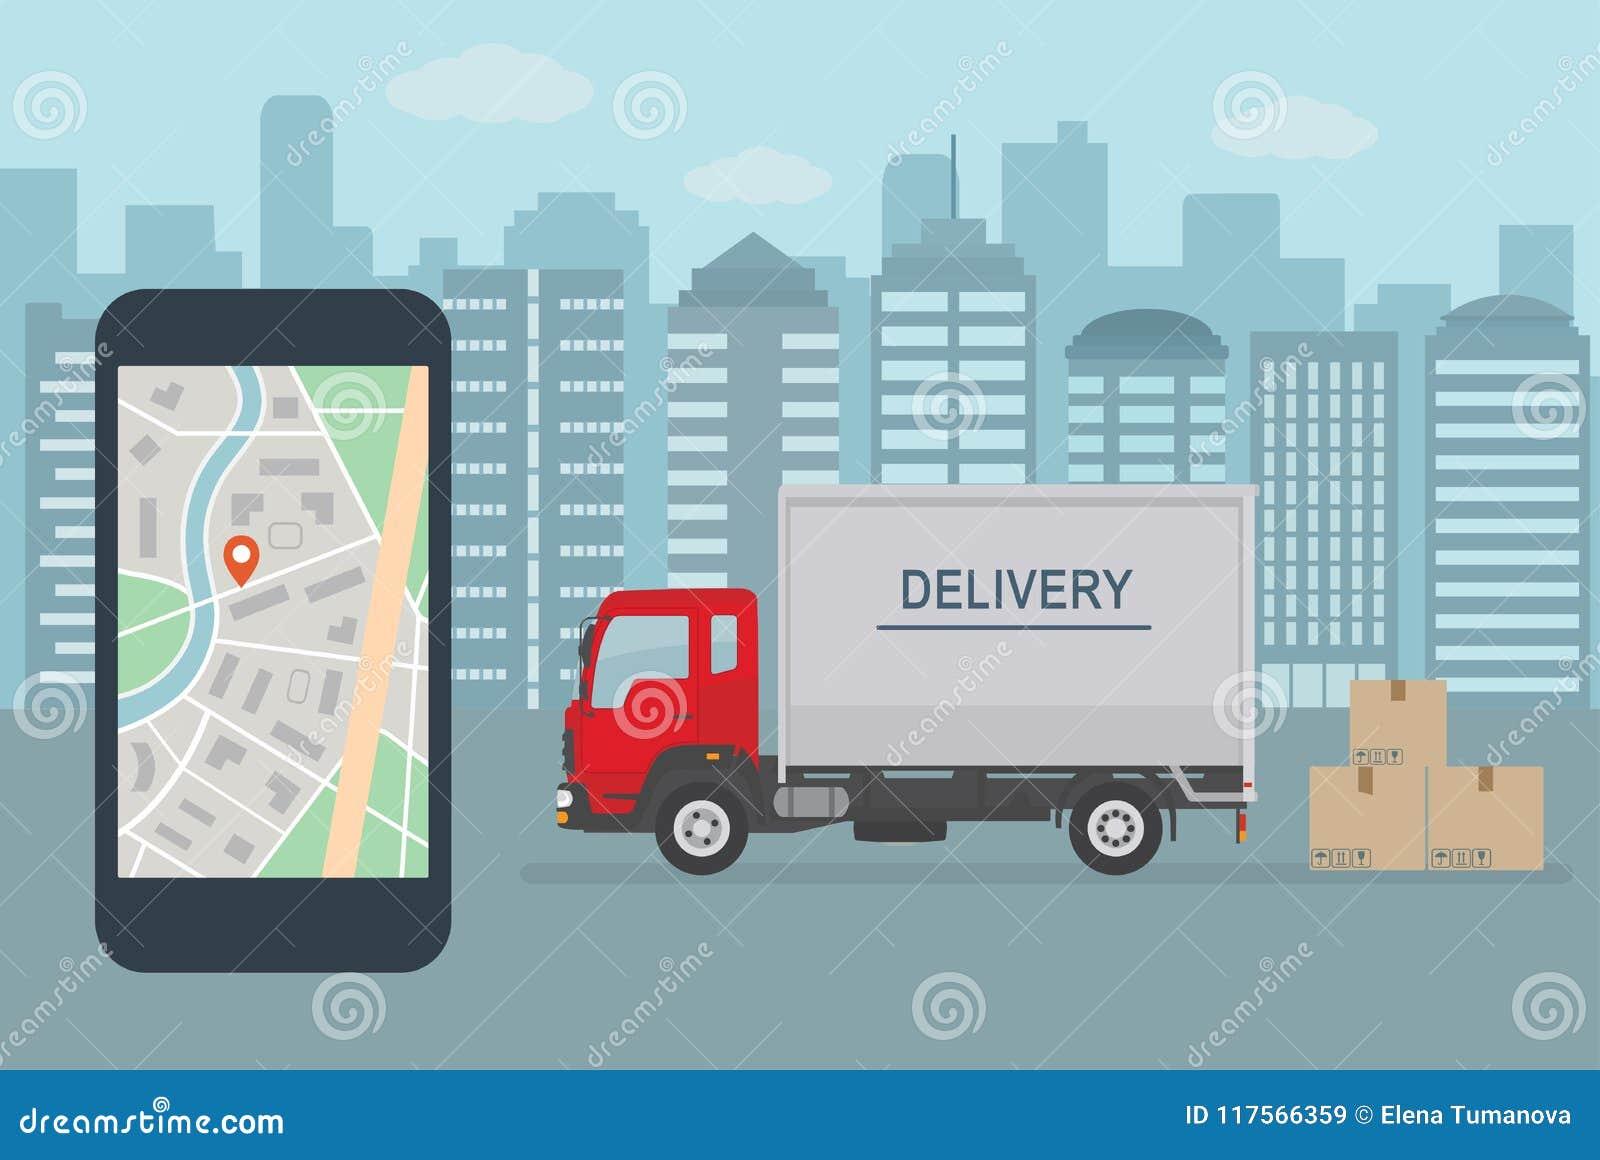 在手机的送货业务app 送货卡车和手机有地图的在城市背景